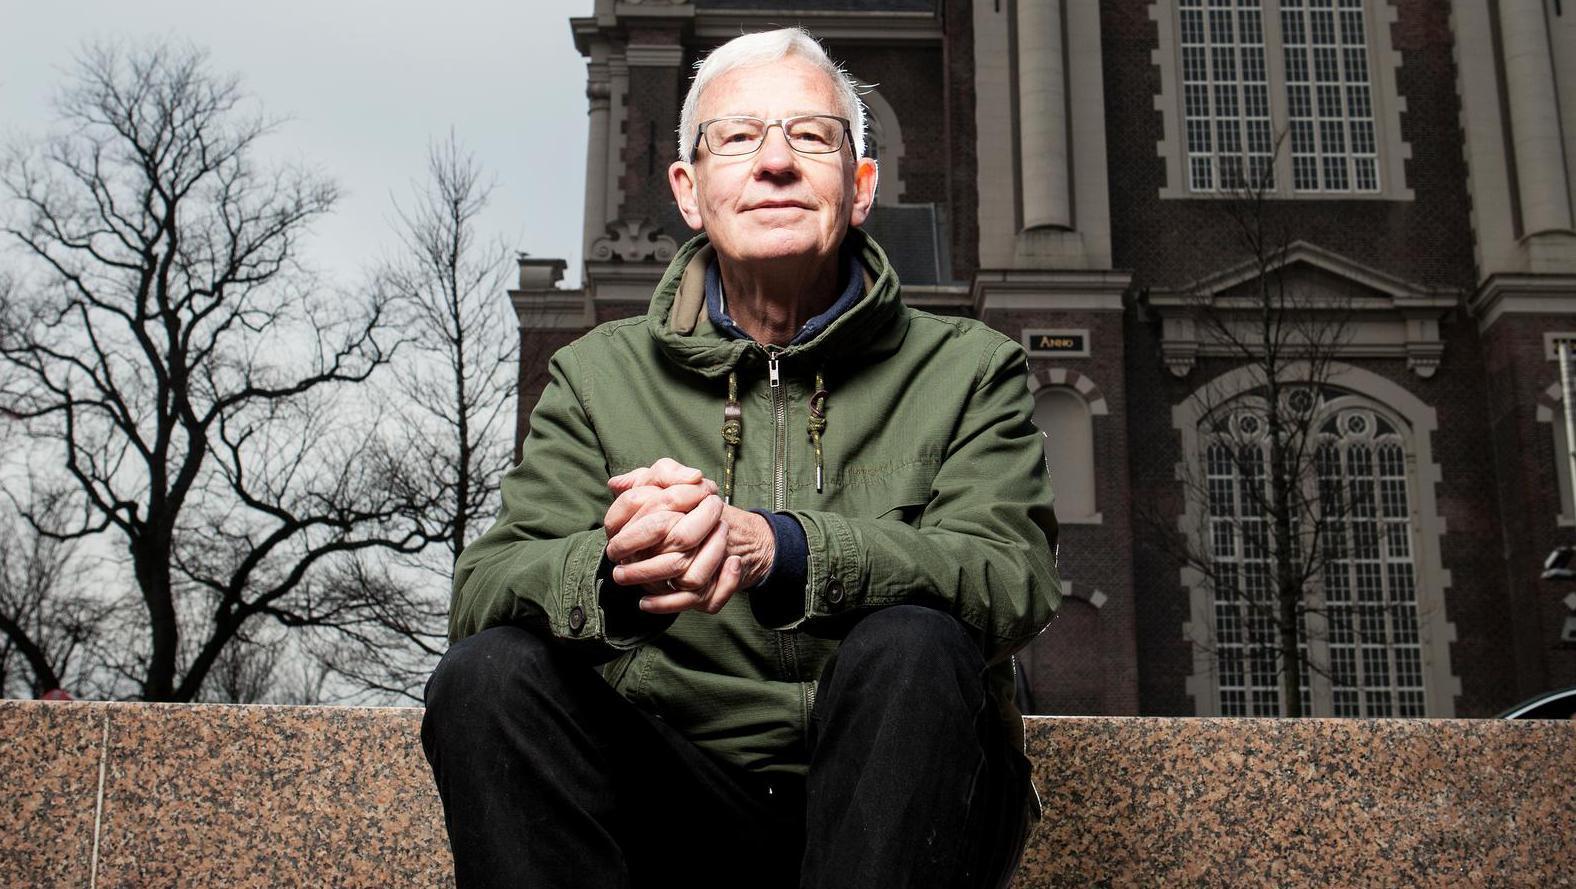 Oprichter Homomonument: 'Geen zieligheid op een sokkeltje'